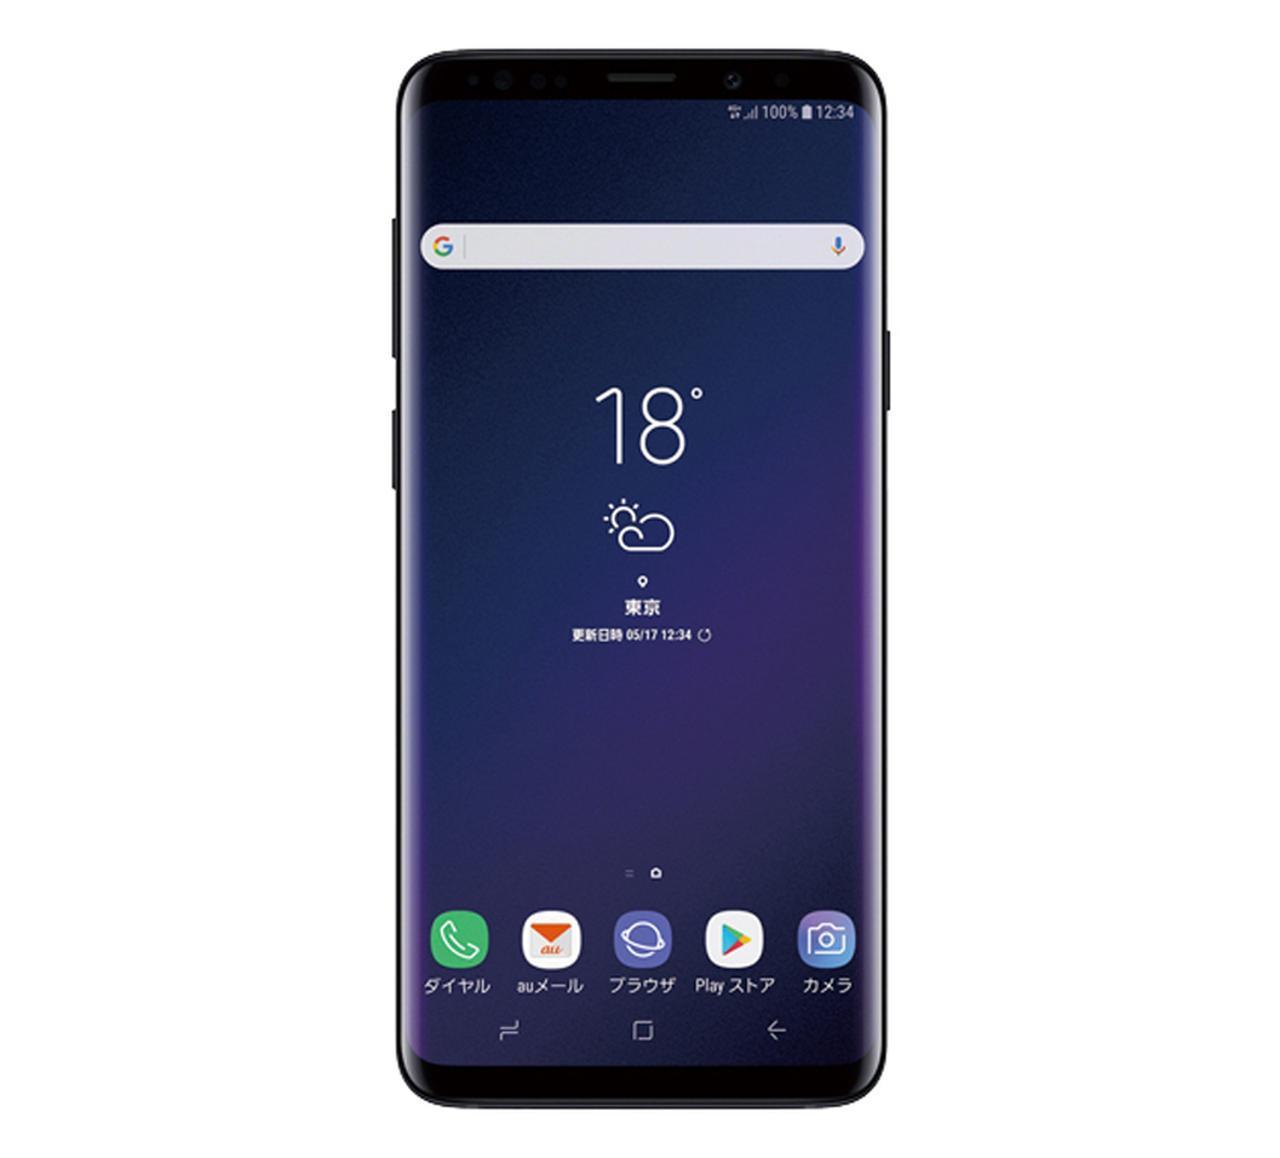 画像1: サムスン Galaxy S9 + 実売価格例:11万4560円 ドコモ/au